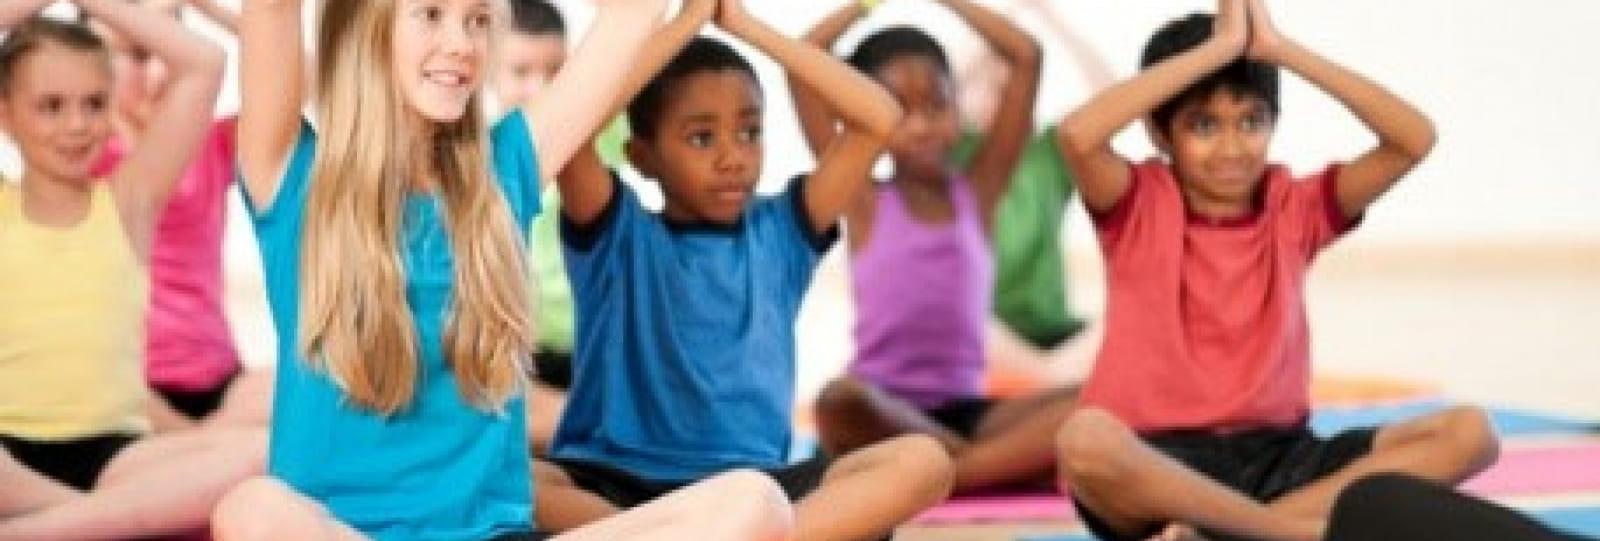 Classe de decouverte musique et yoga iddj drome